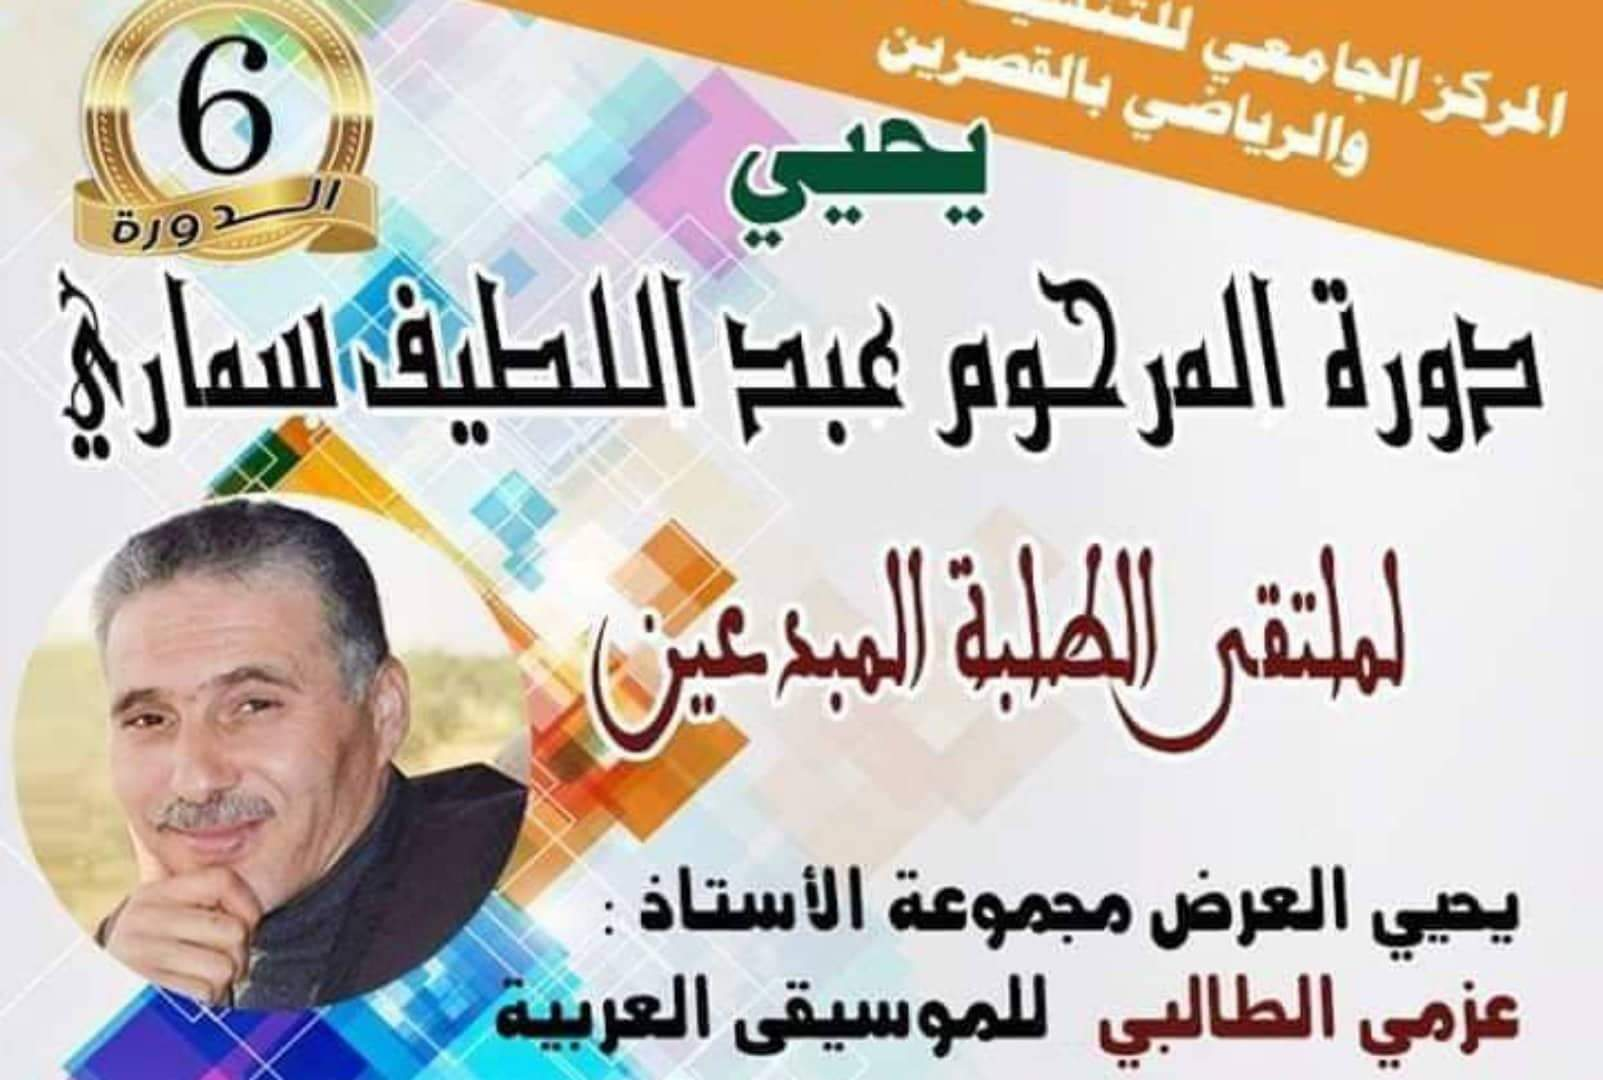 الدورة 6 لملتقى الطلبة المبدعين بالقصرين ولمسة وفاء للفقيد عبد اللطيف سماري